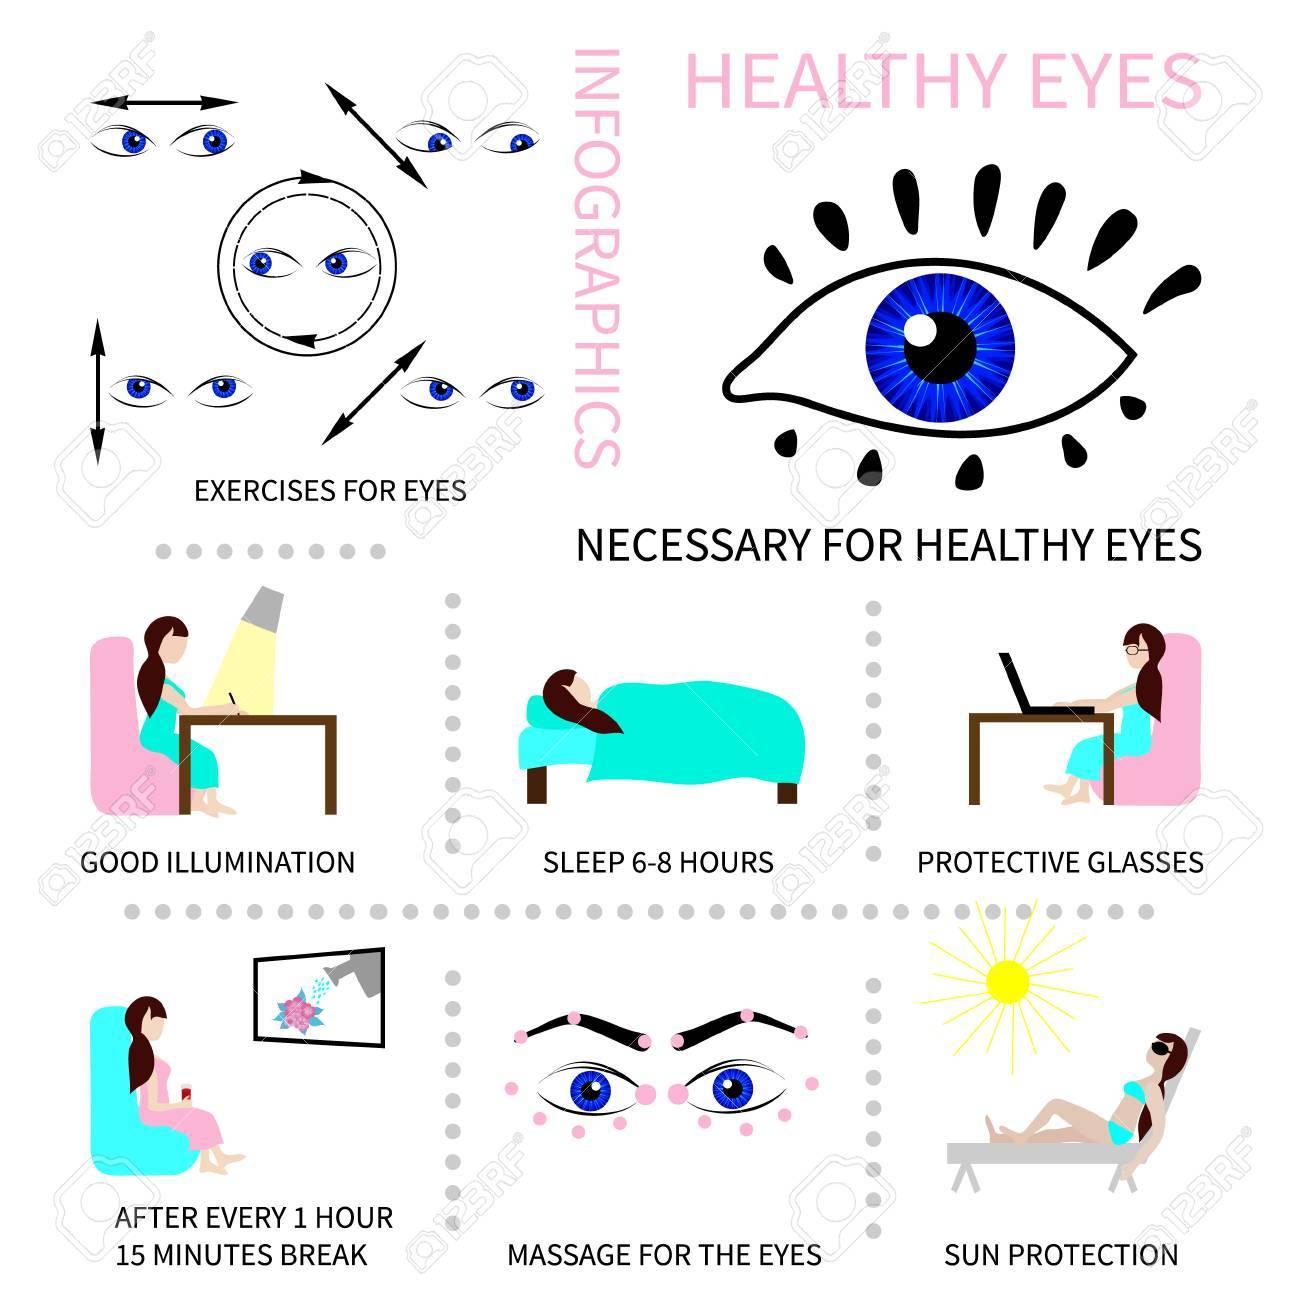 gute beleuchtung gütemerkmale informationen wie sie durch die Übungen für augen gute beleuchtung schutzbrillen und wie durch die für gute